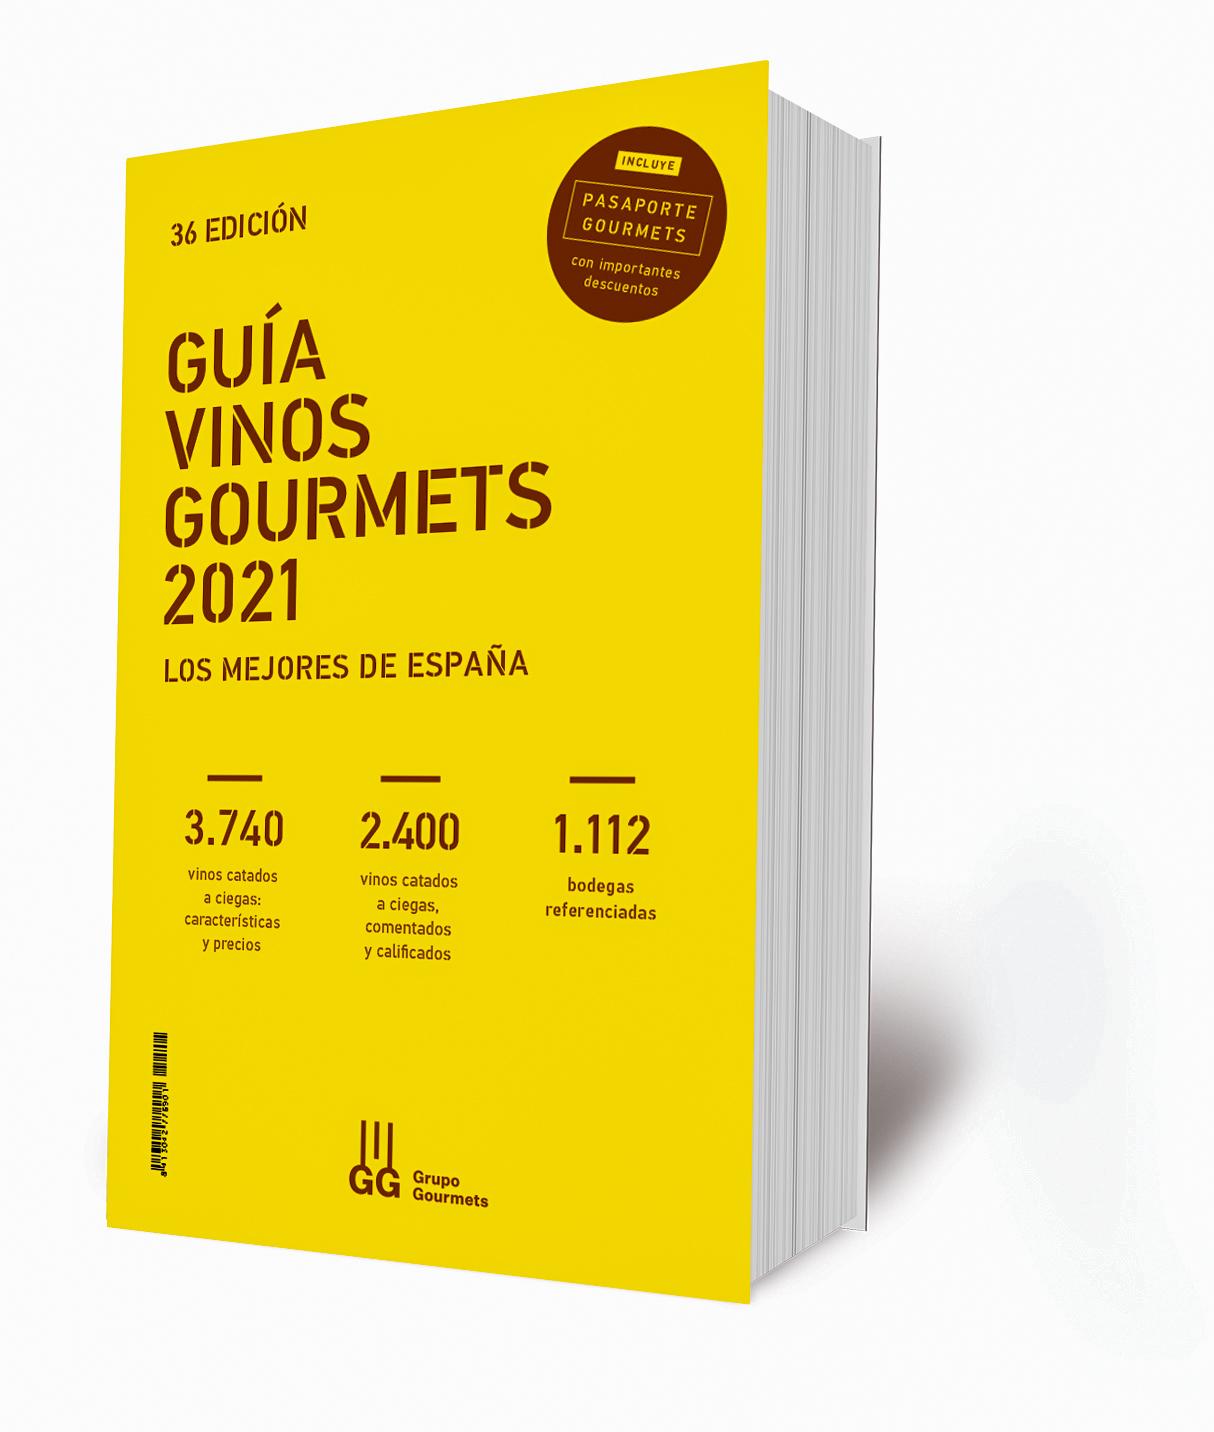 En la calle la 36ª edición de la Guía de Vinos Gourmets 2021